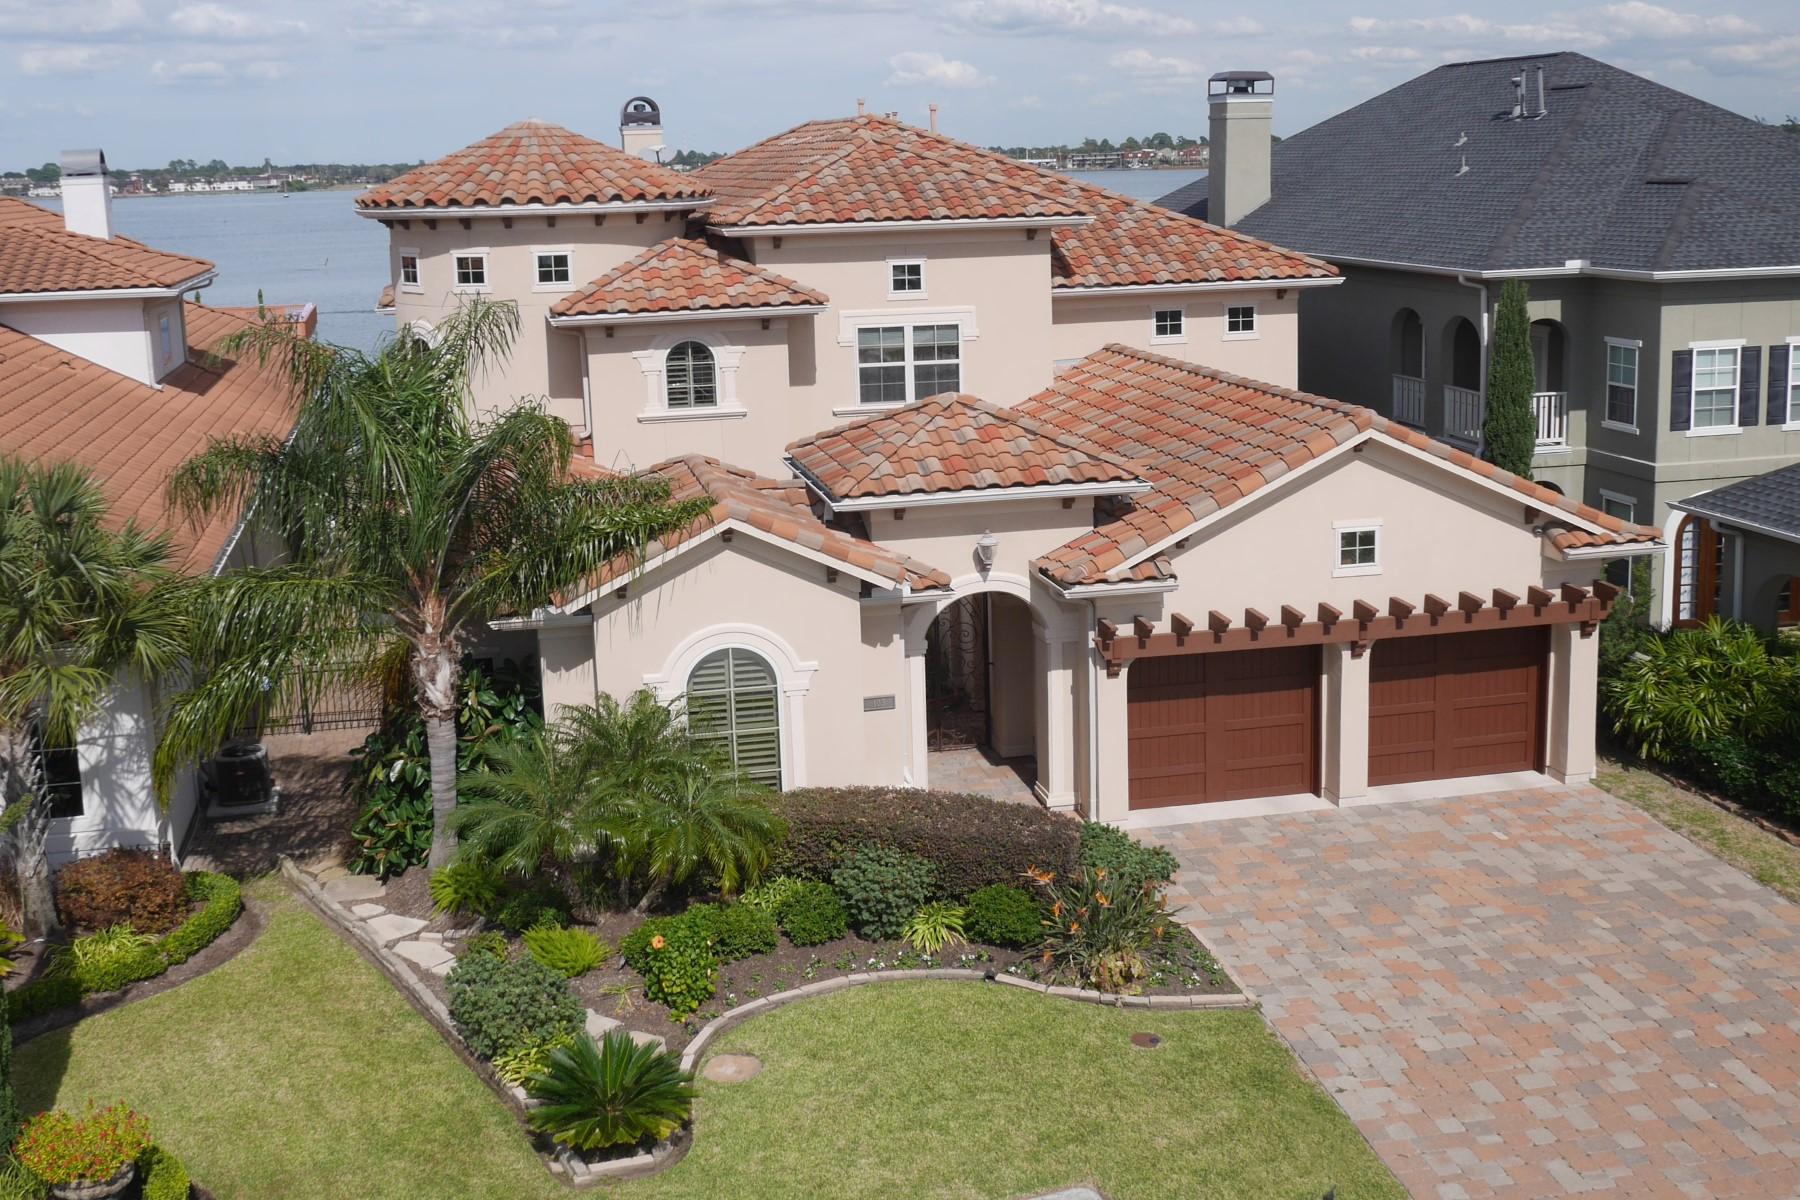 Maison unifamiliale pour l Vente à 103 Blue Water Way League City, Texas 77565 États-Unis